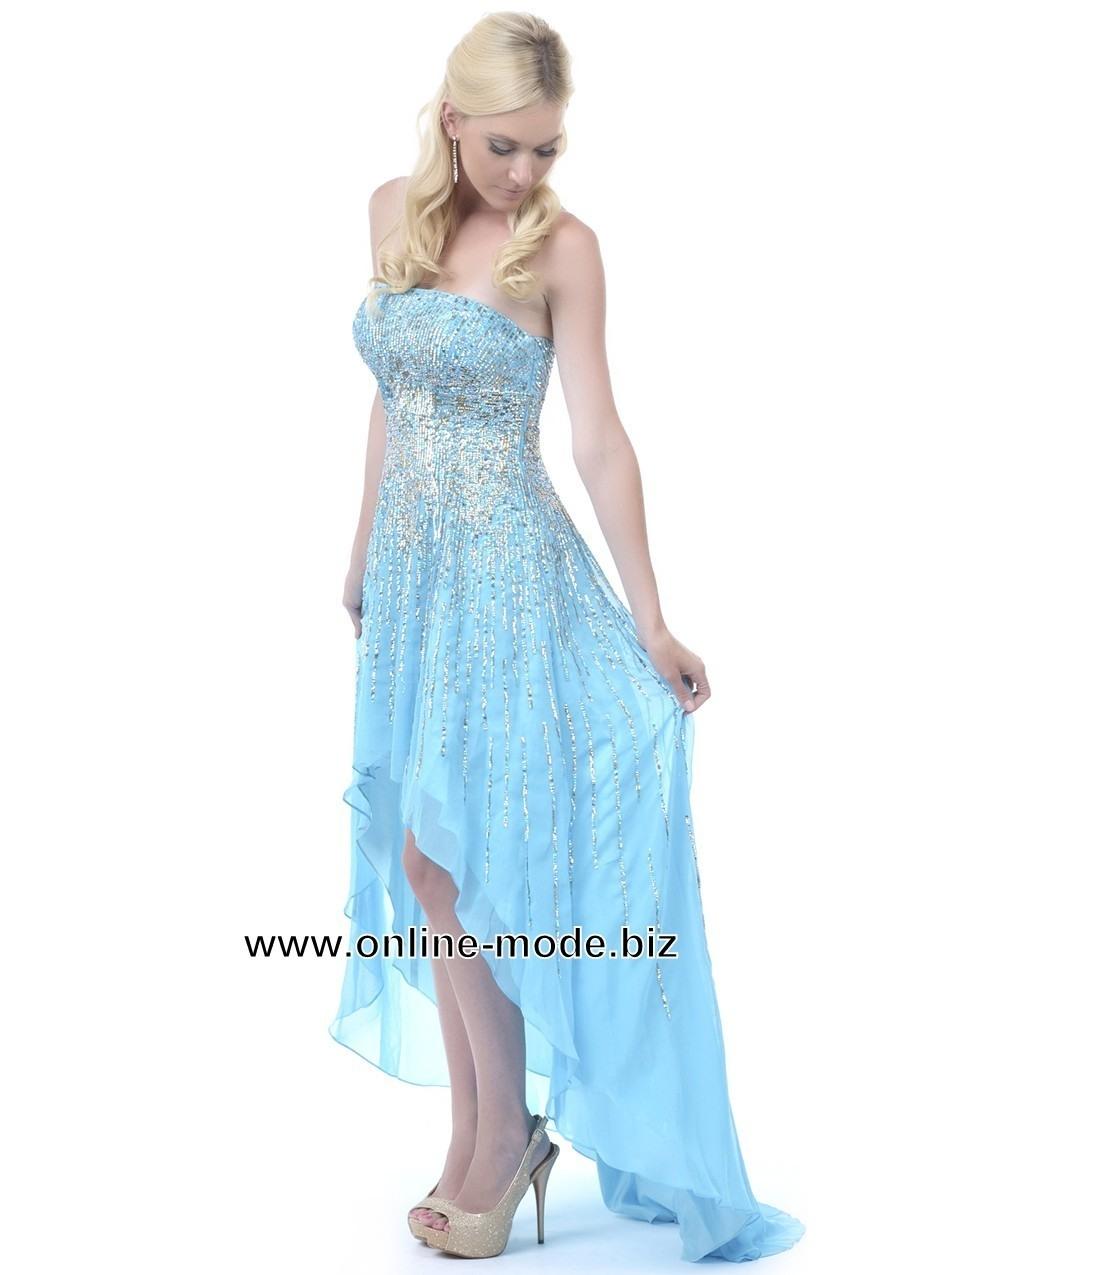 Designer Schön Schöne Blaue Kleider Spezialgebiet17 Leicht Schöne Blaue Kleider Boutique